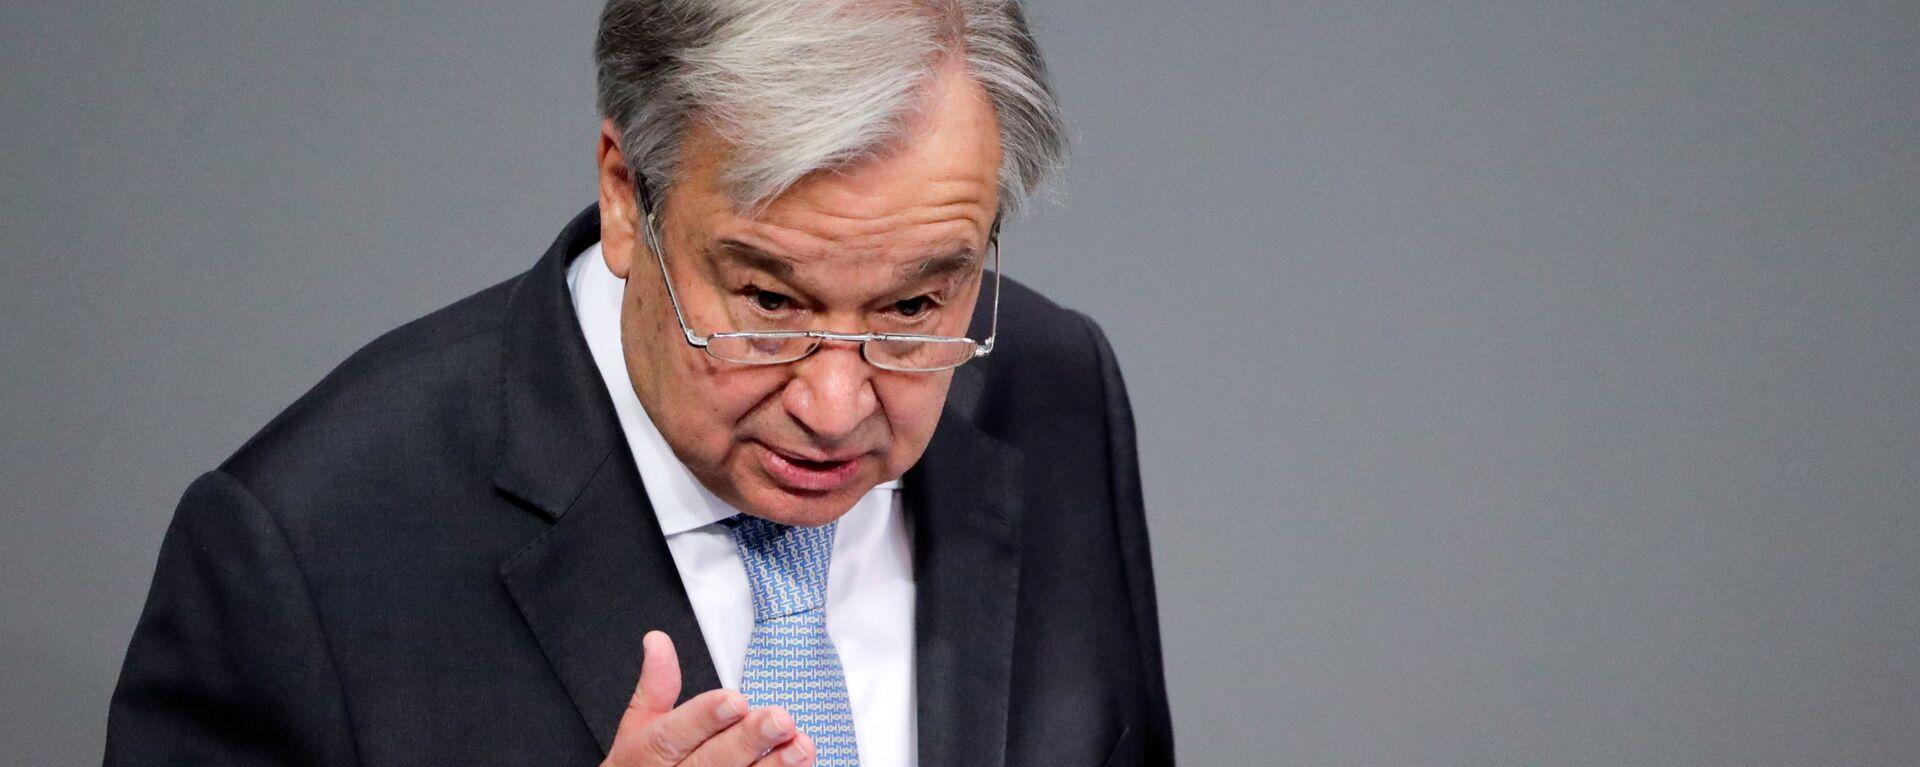 António Guterres, secretario general de la ONU - Sputnik Mundo, 1920, 13.08.2021